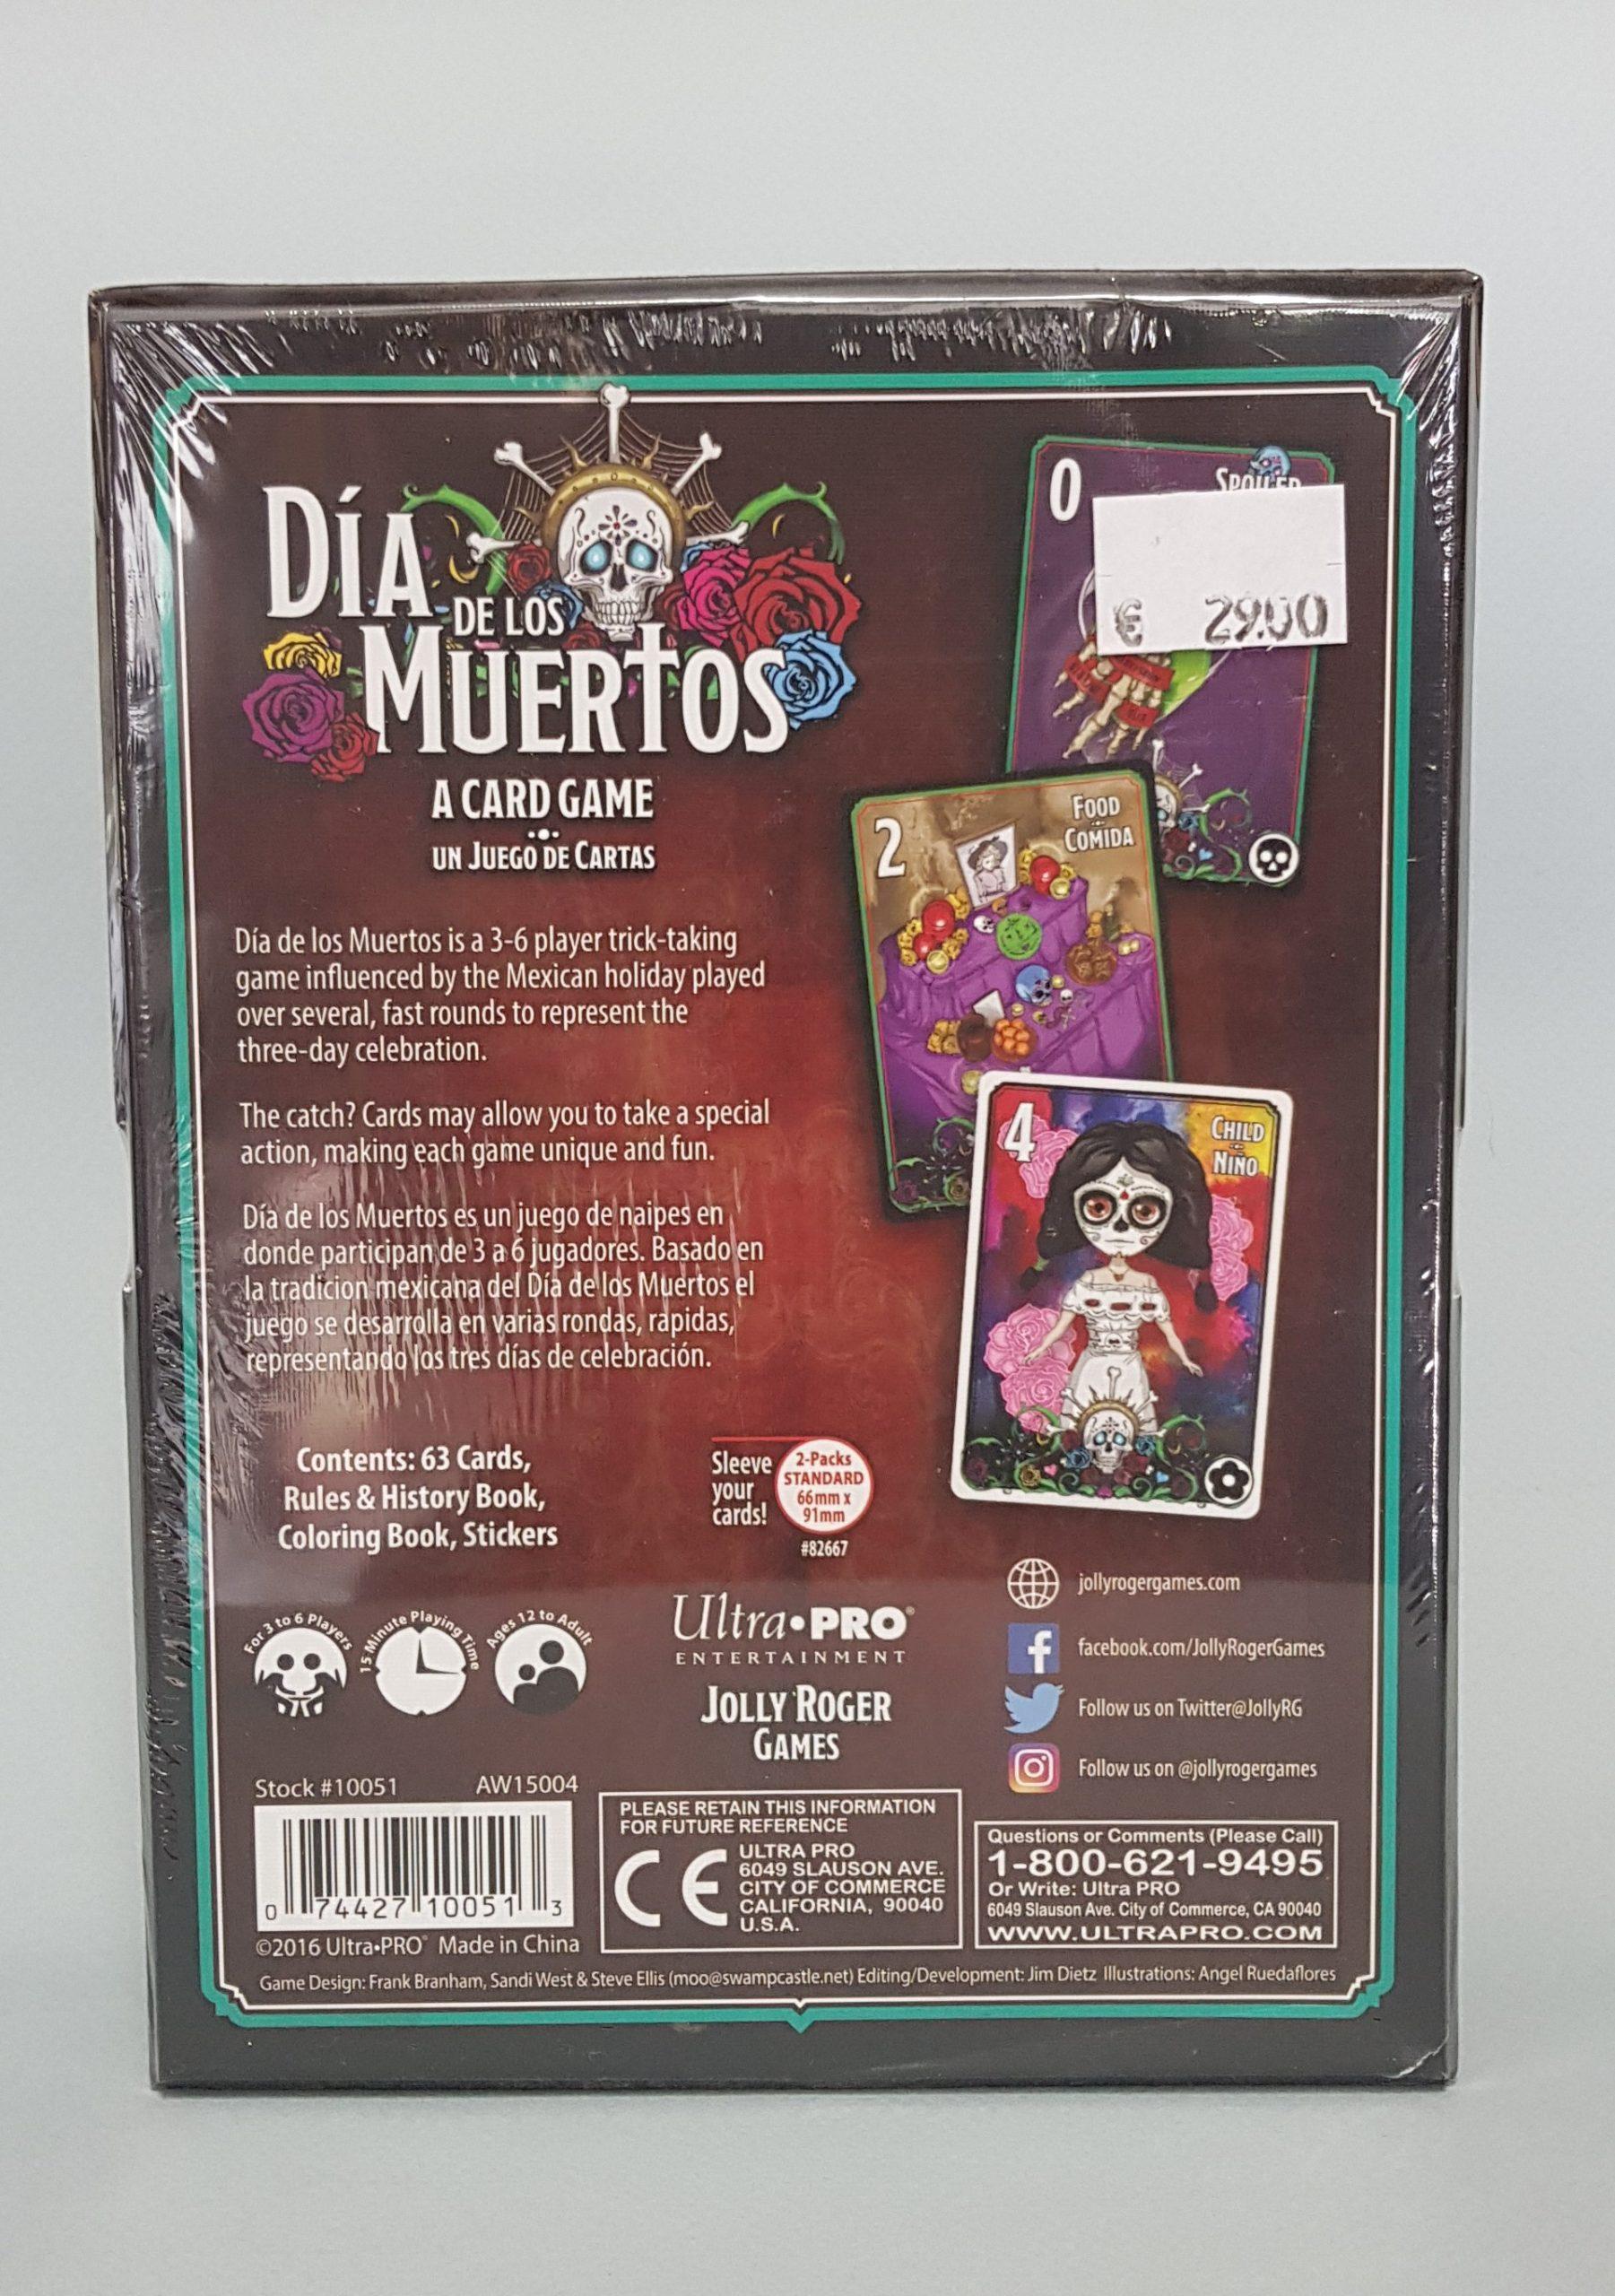 DIA DE LOS MUERTOS CARD GAME DELUXE BOX SET